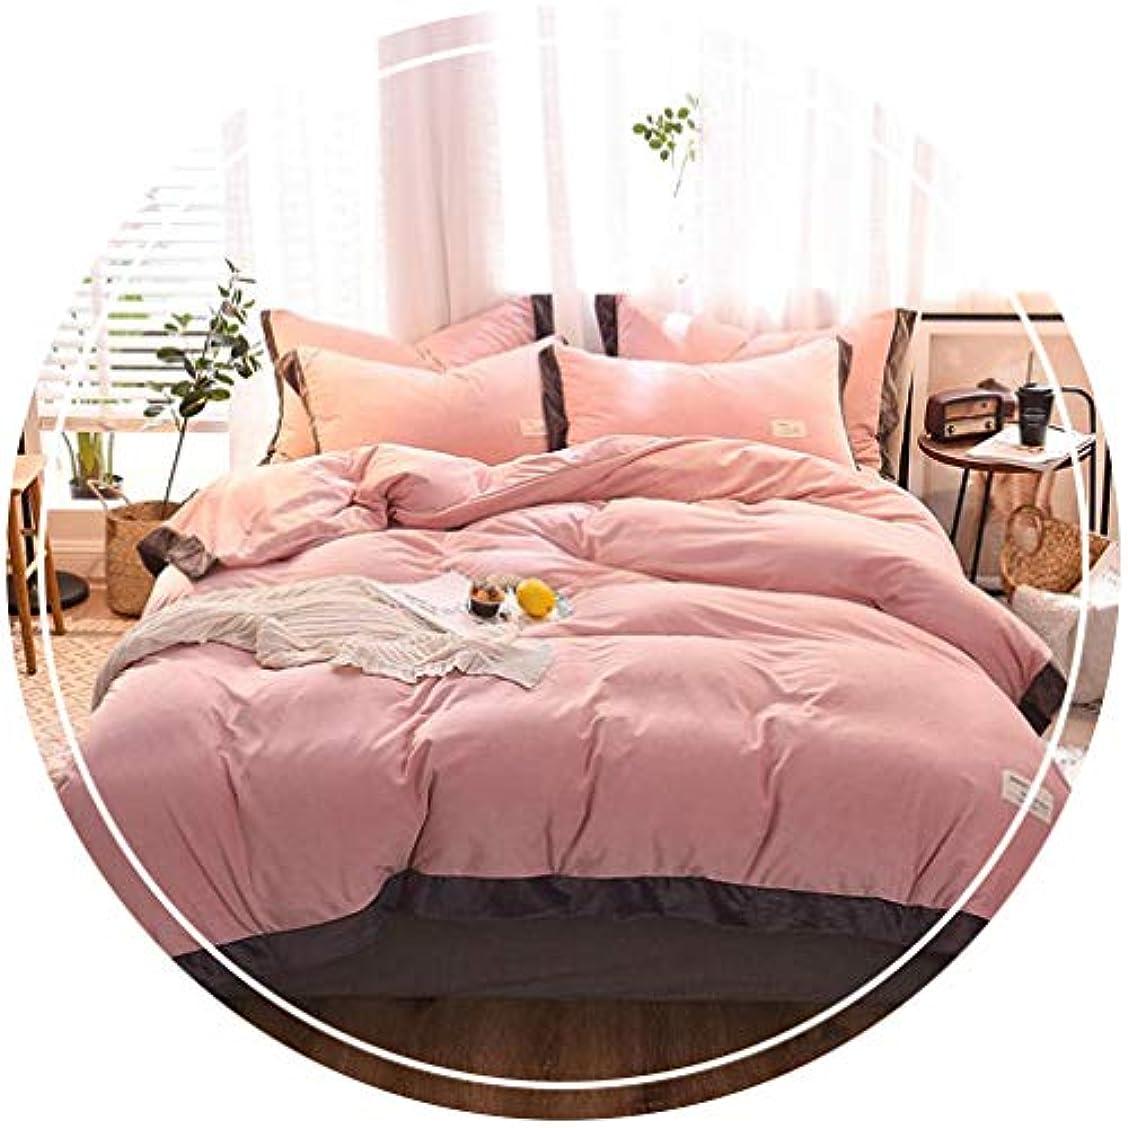 怒り対称フェデレーションHUYYA 冬シートカバー、結晶ベルベット寝具カバーセット 柔らかく快適 4枚セットのシート マイクロファイバー シーツと枕セット,Cherry powder_Increase